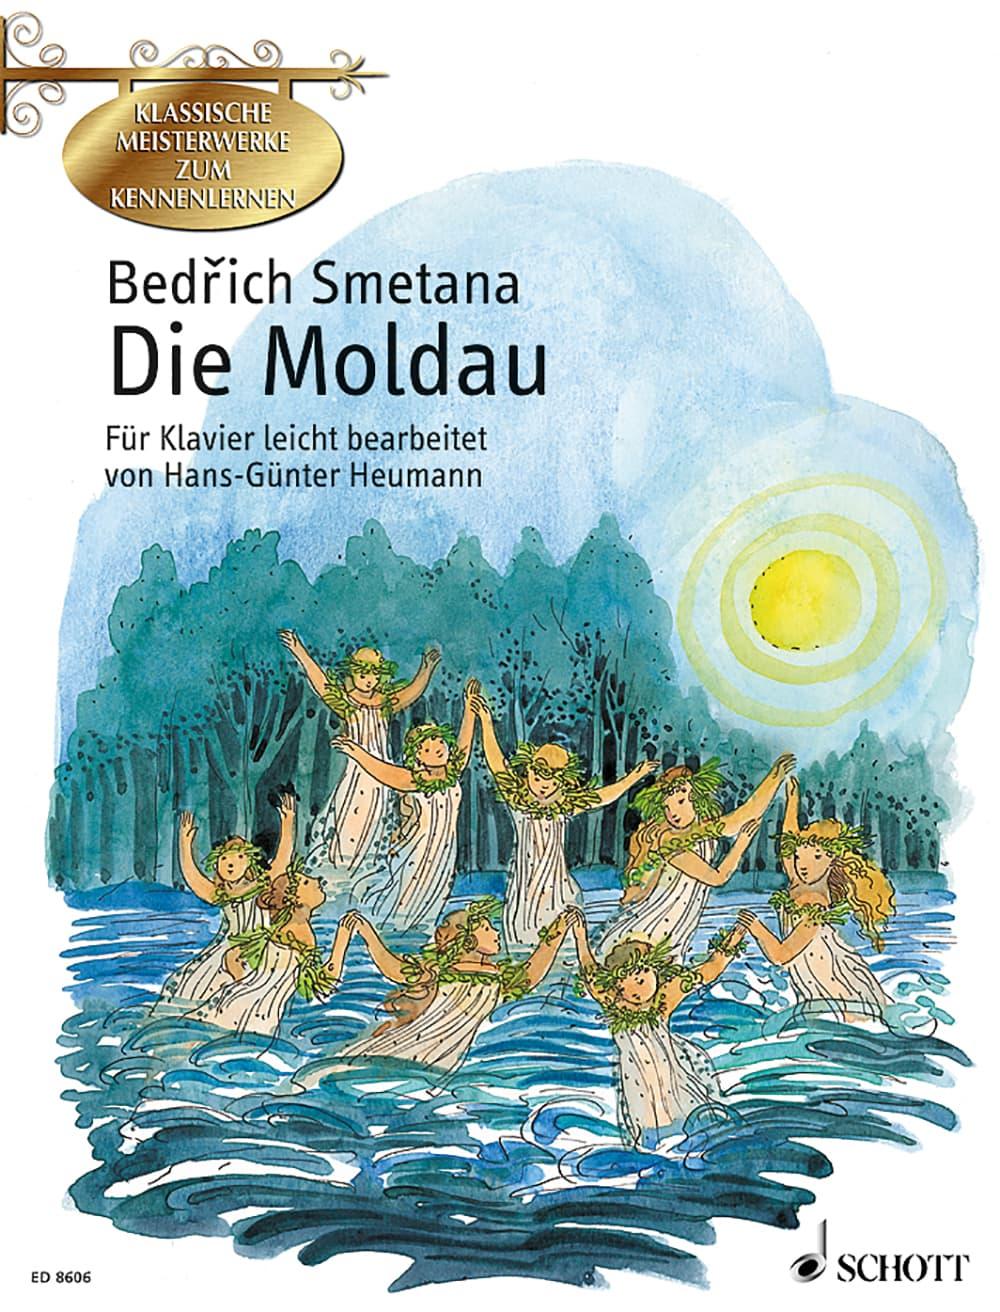 Klassische Meisterwerke zum Kennenlernen: Die Moldau